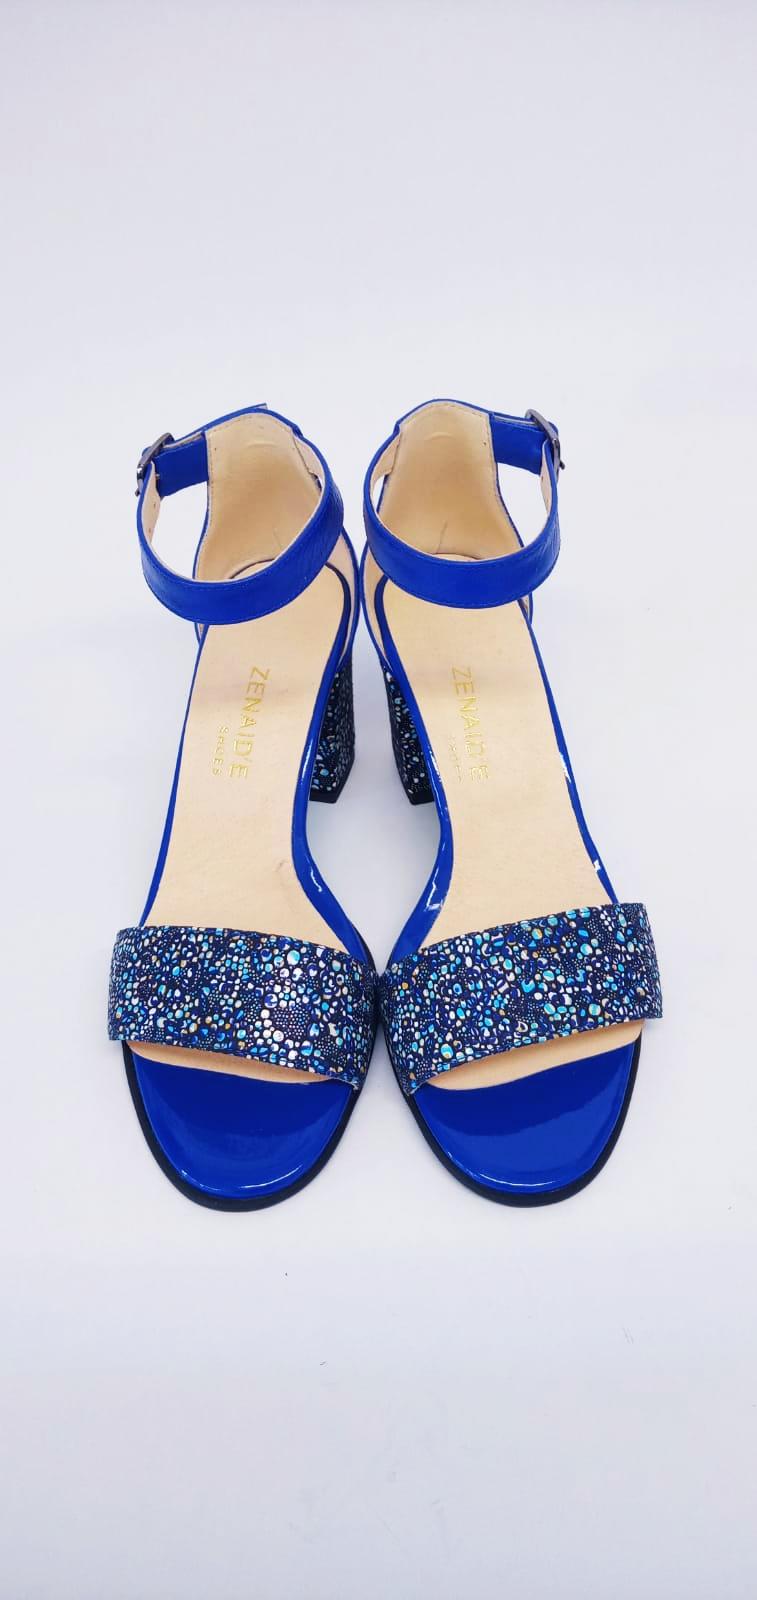 Sandale albastre din piele naturala cu sclipici